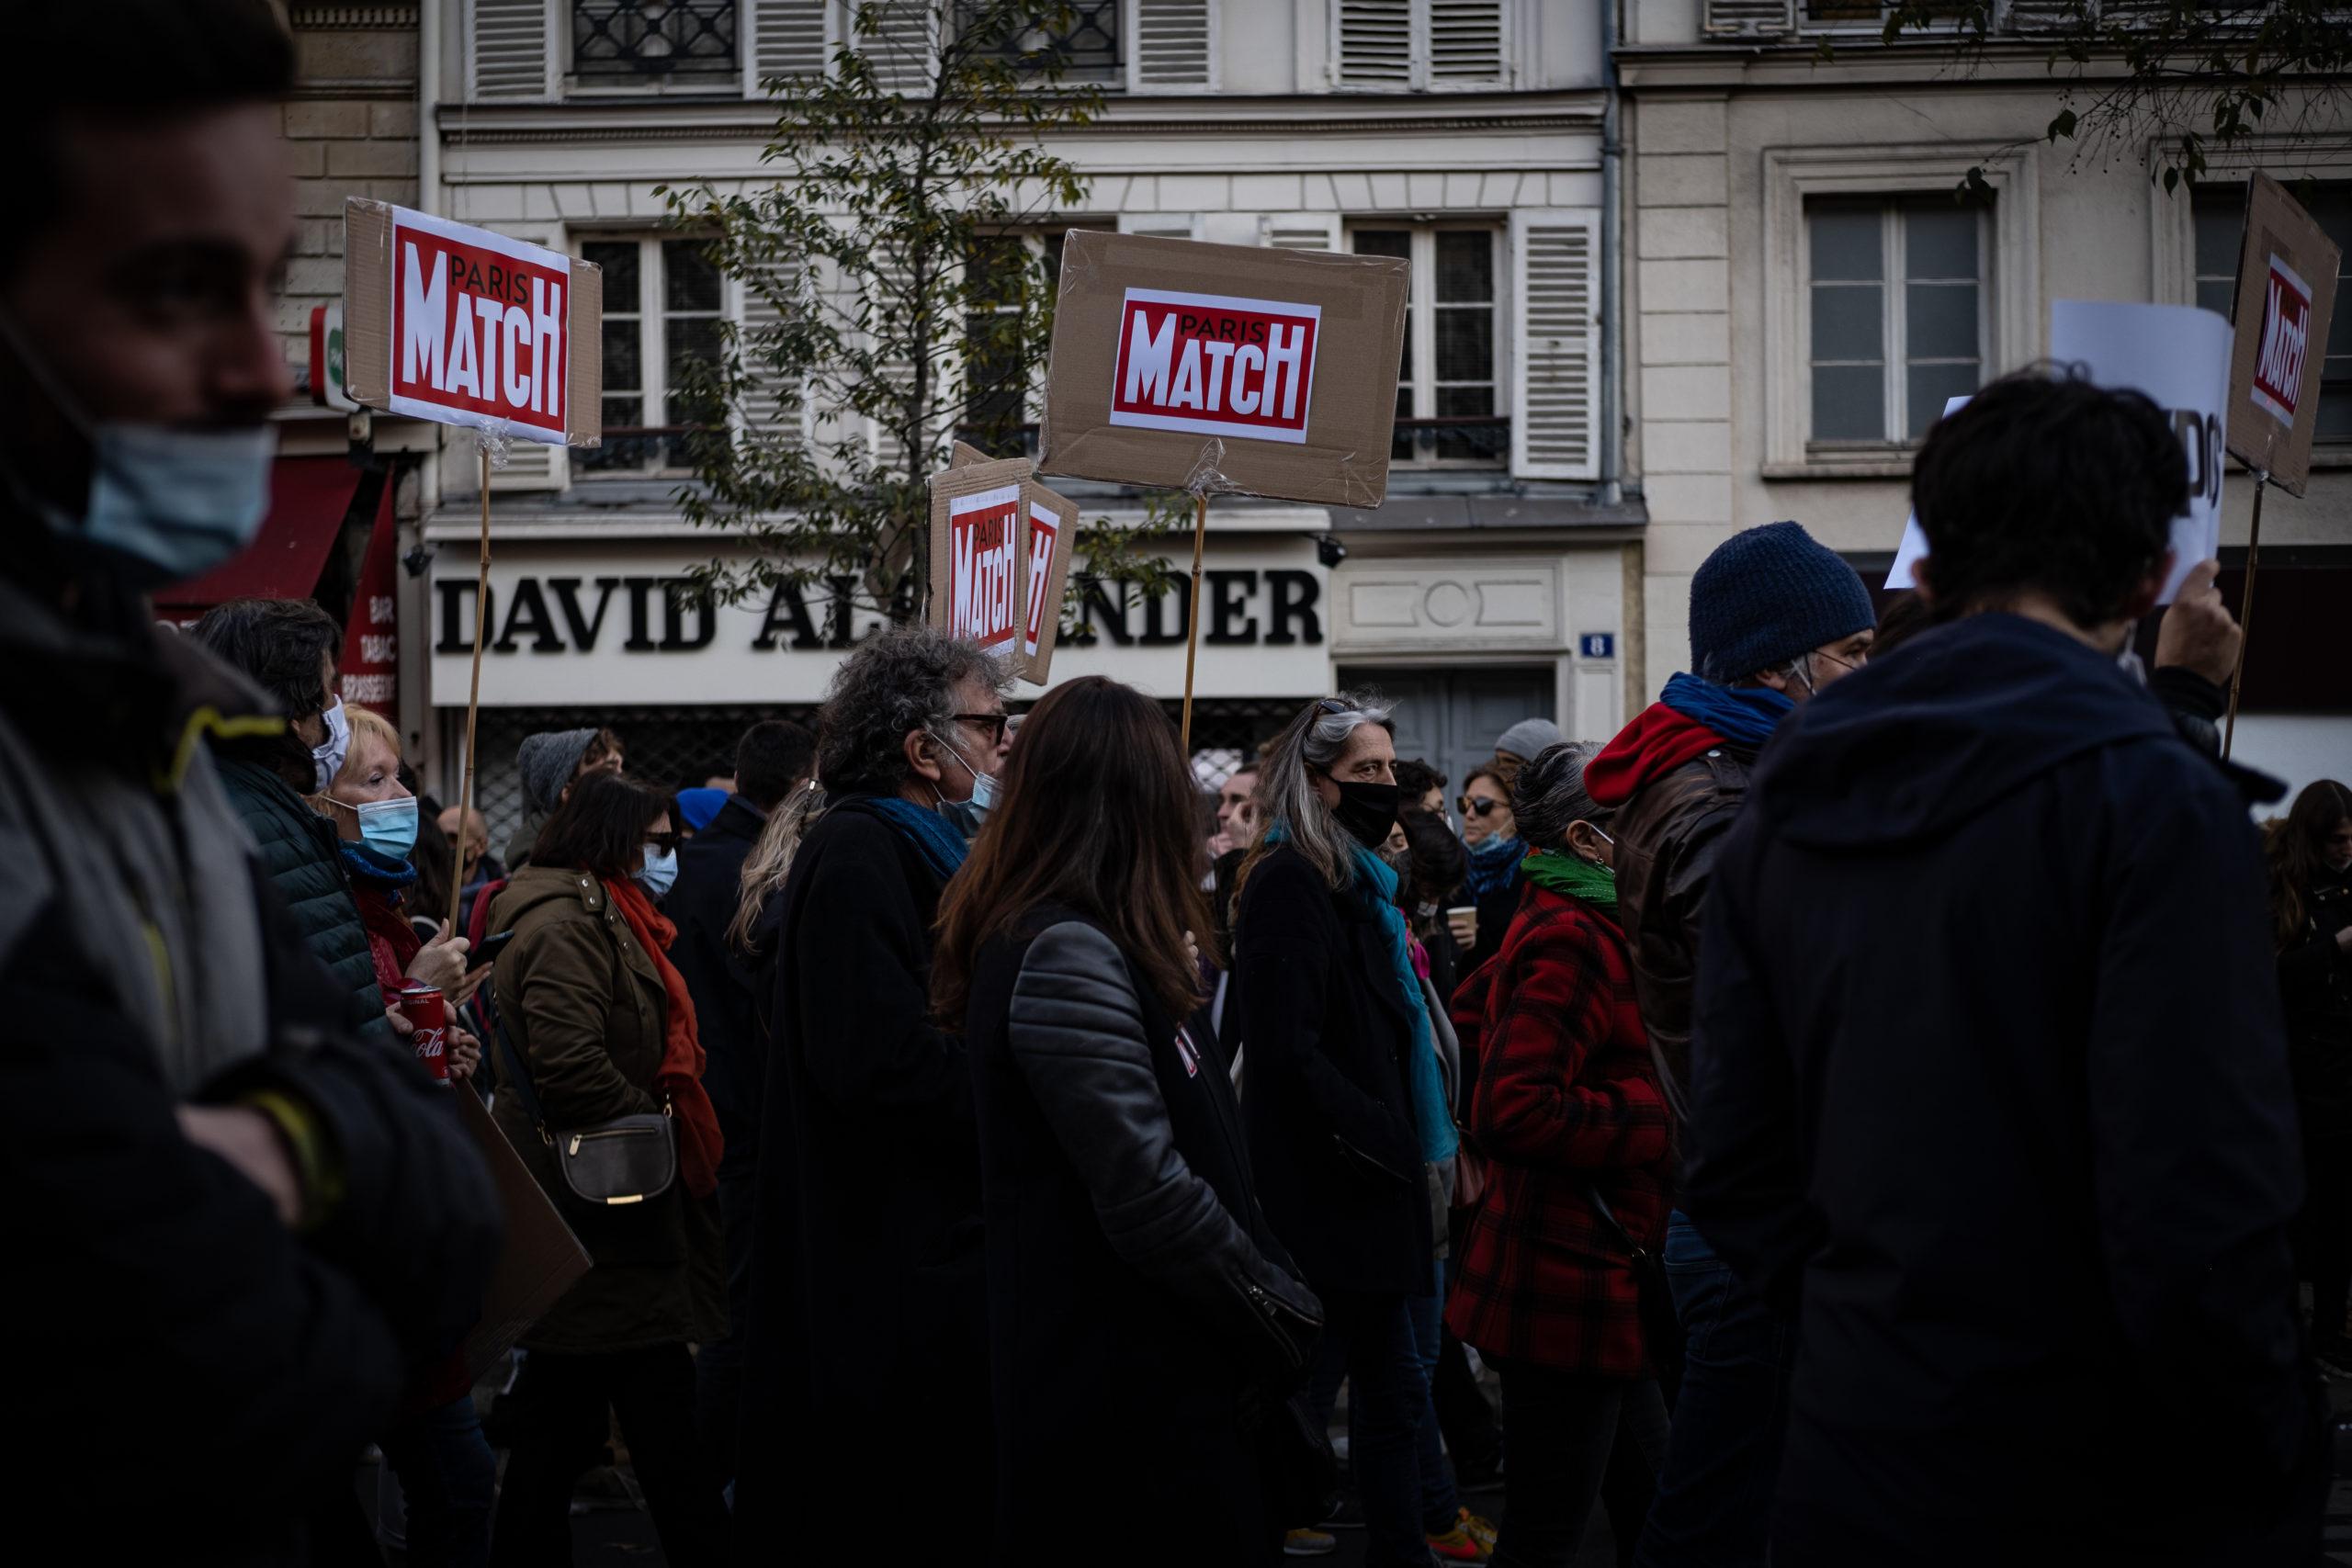 L'équipe du journal Paris Match manifestait contre la loi de sécurité globale. © Chloé Lavoisard